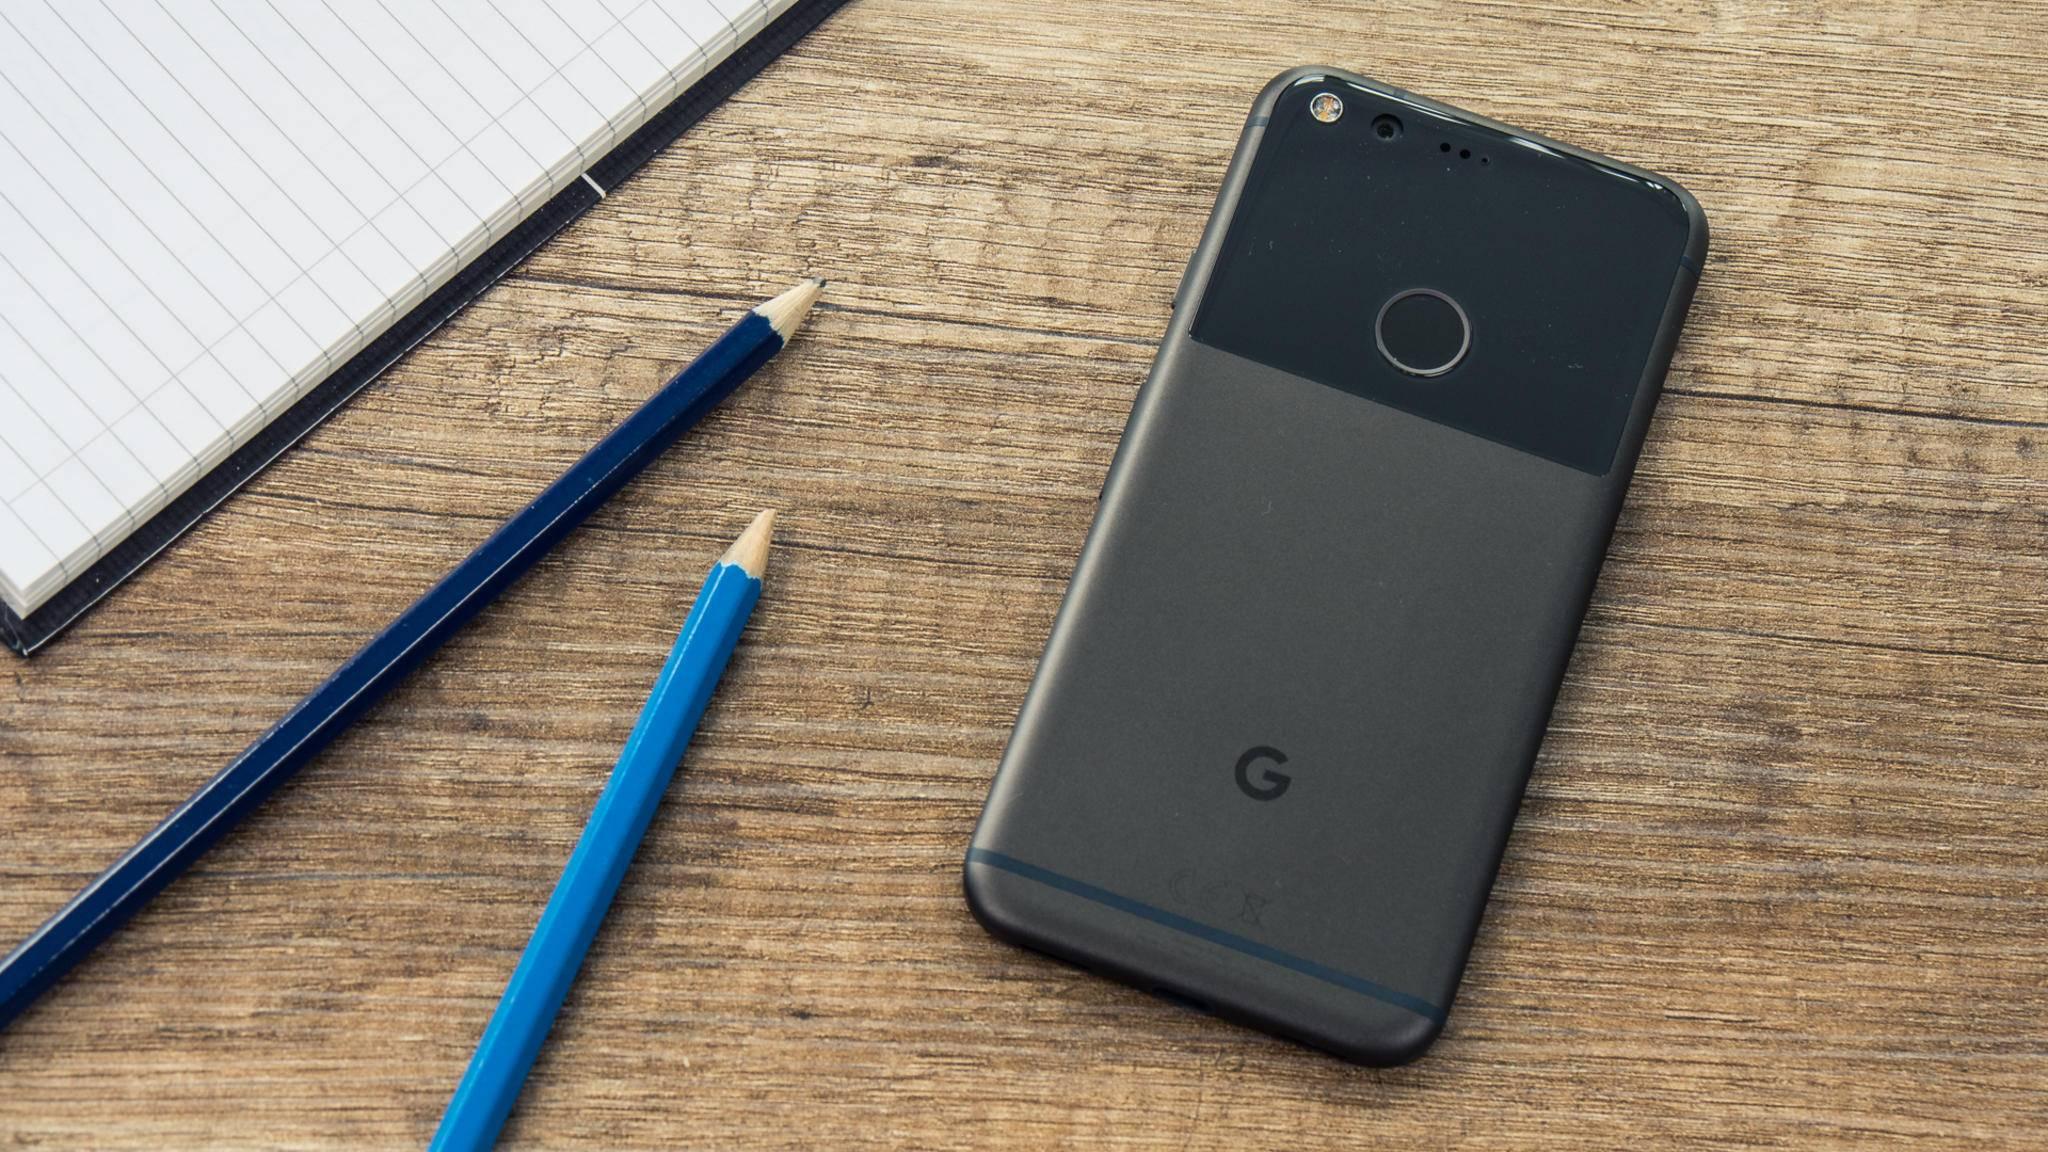 Der HDR+-Modus des Google Pixel hält jetzt auch auf anderen Android-Smartphones Einzug.